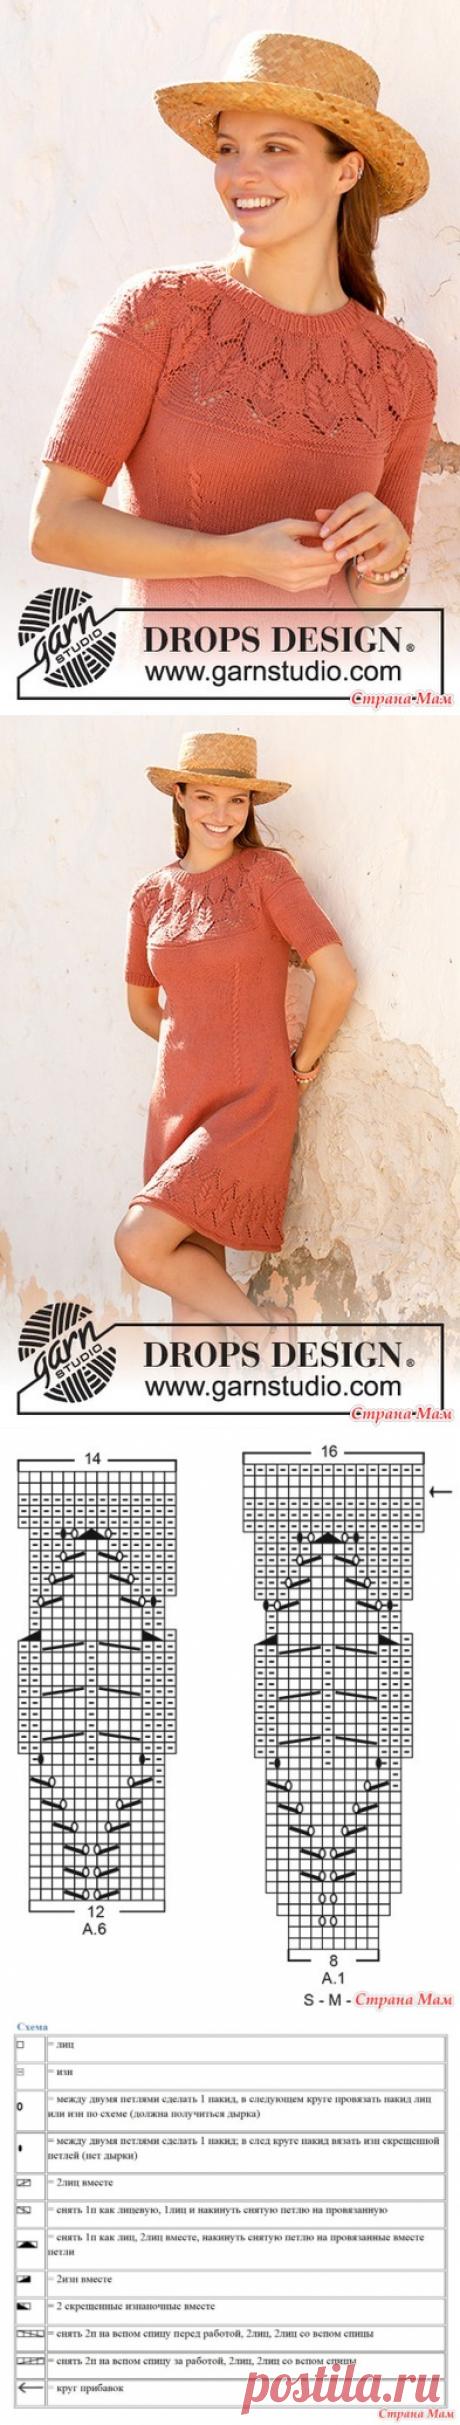 Платье с круглой кокеткой, предлагаю он-лайн - Вязание - Страна Мам